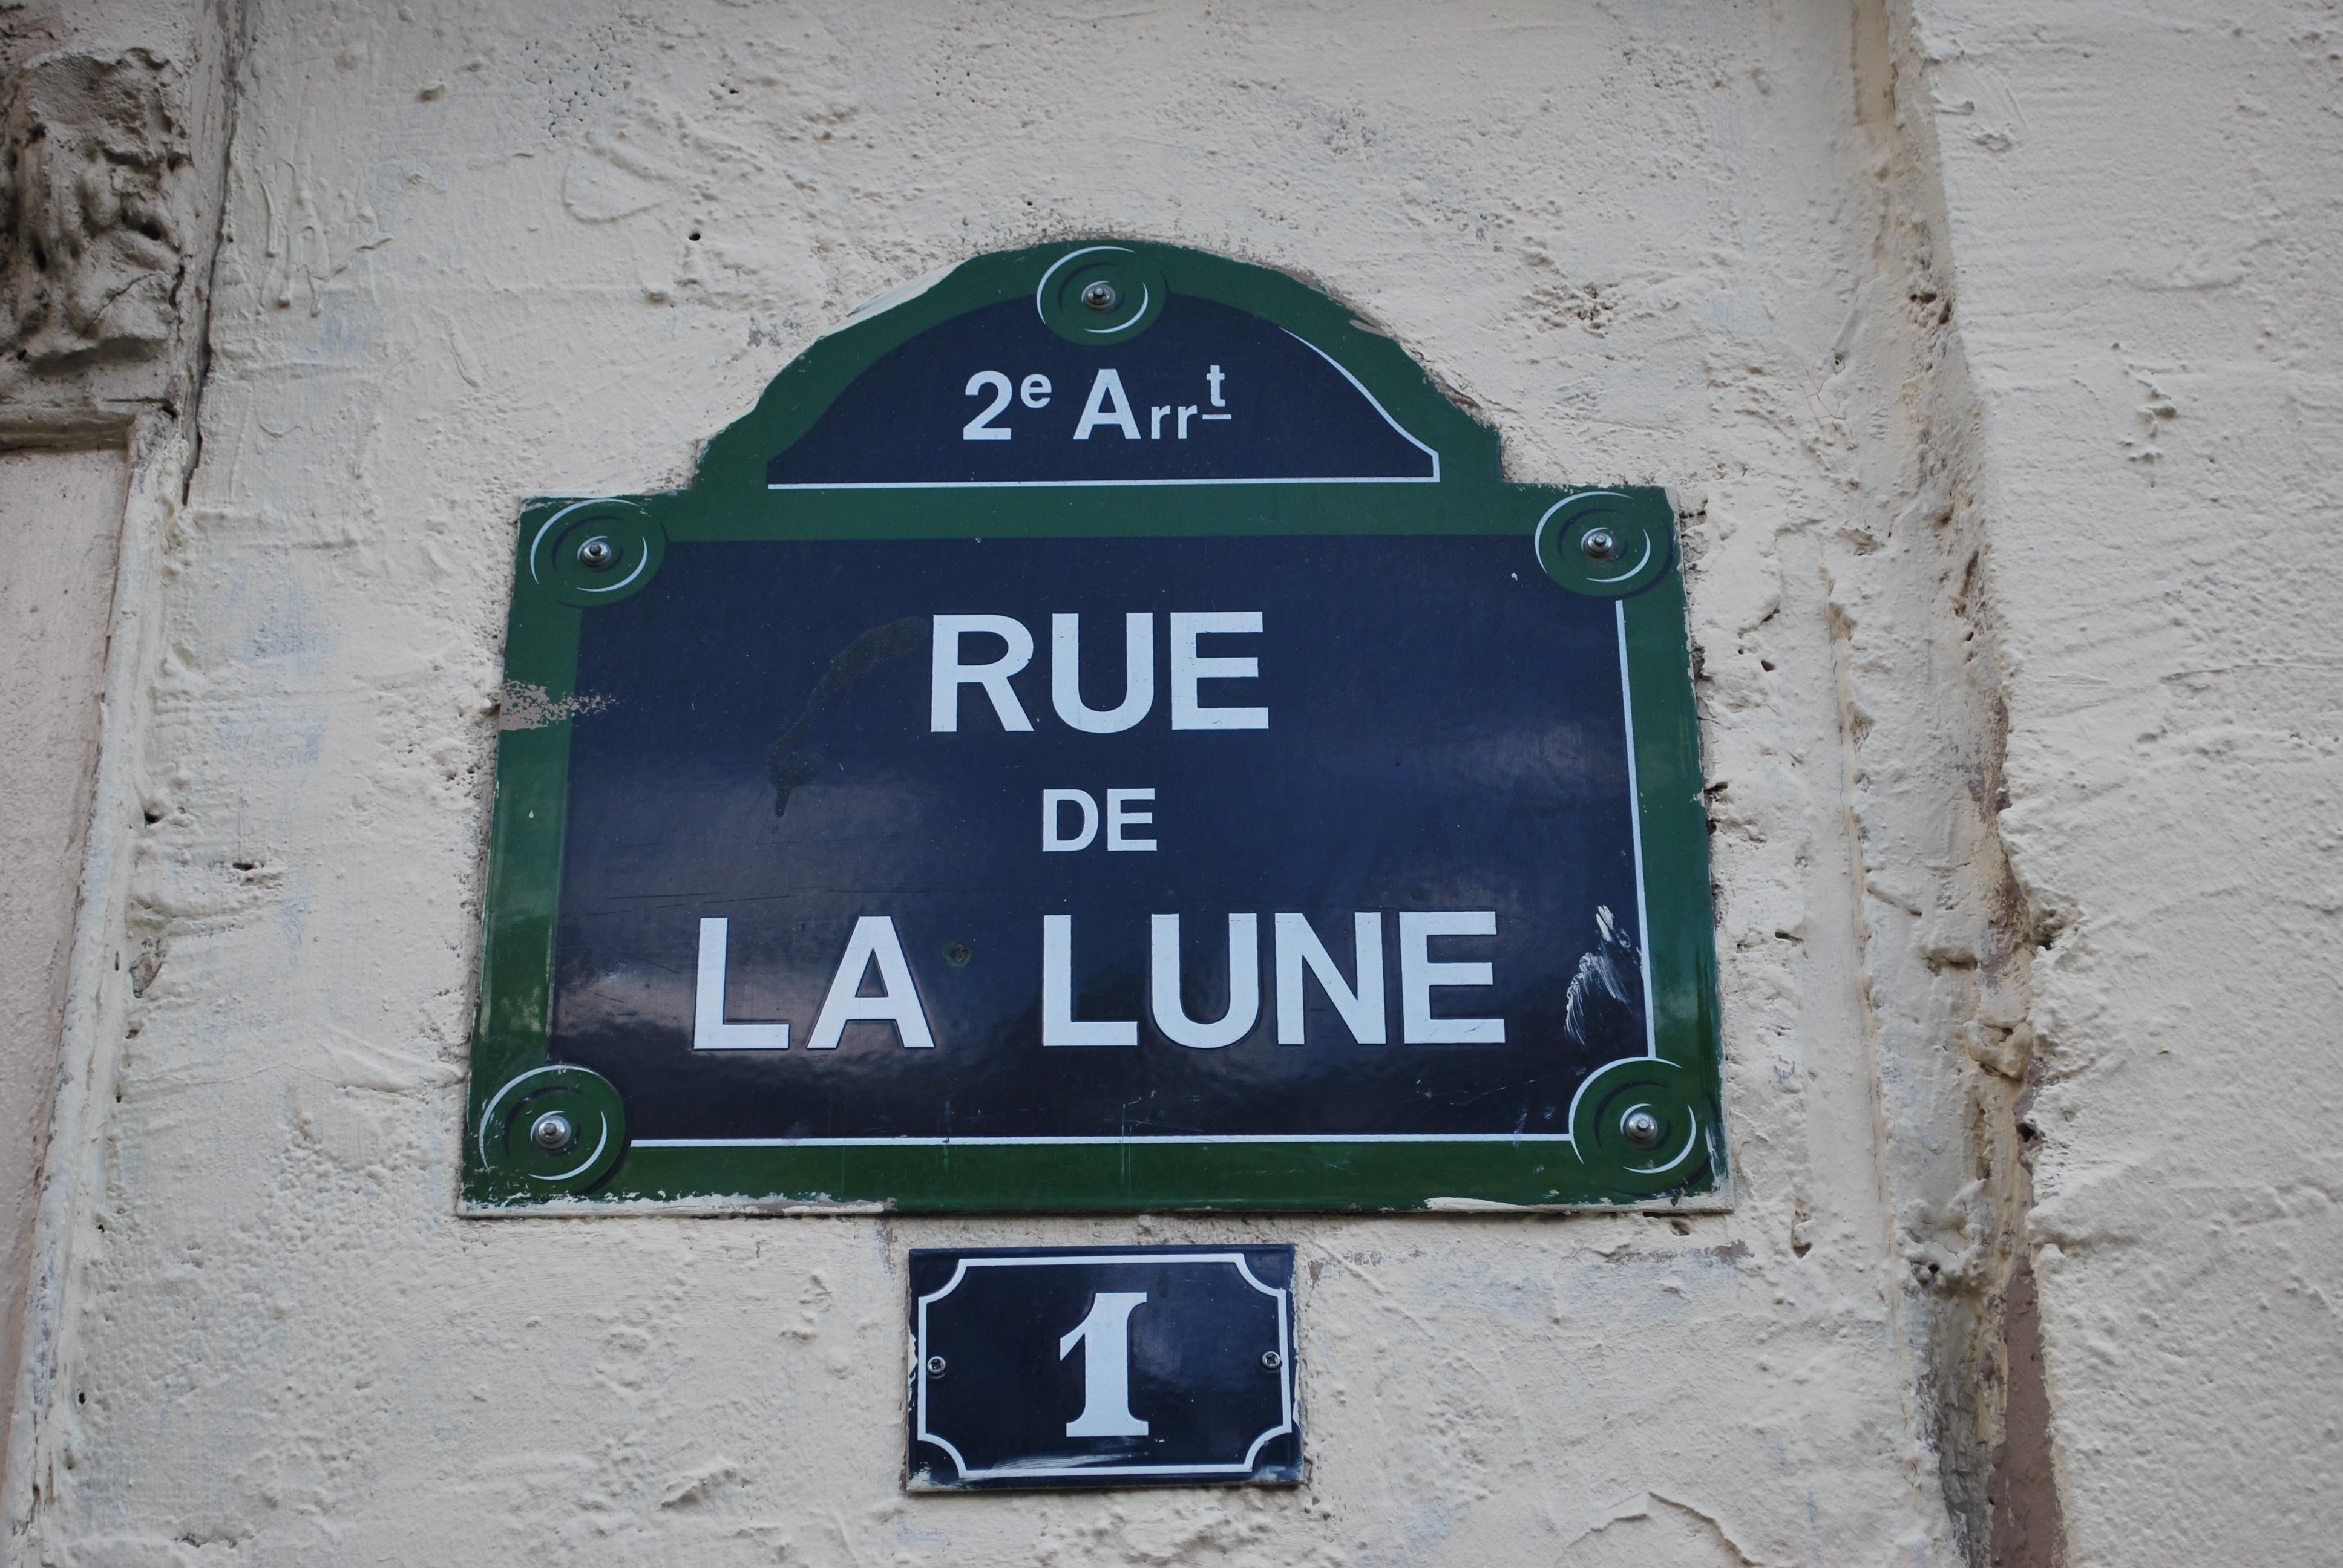 rue-de-la-lune-paris